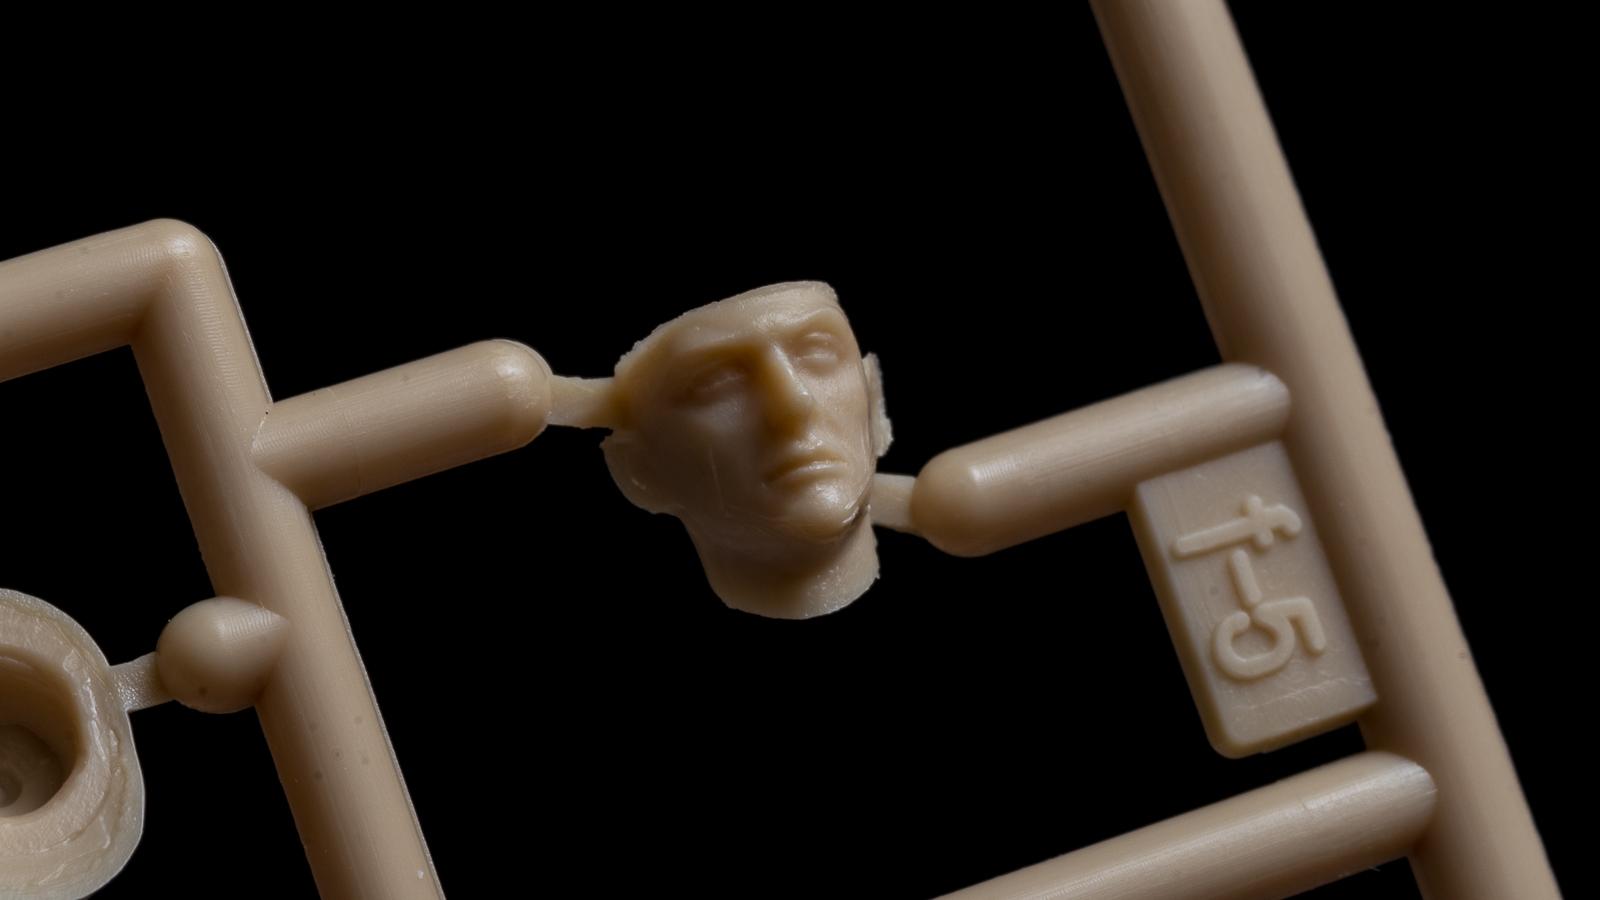 人間のプラモを組んで現実から逃れる_b0029315_23532452.jpg